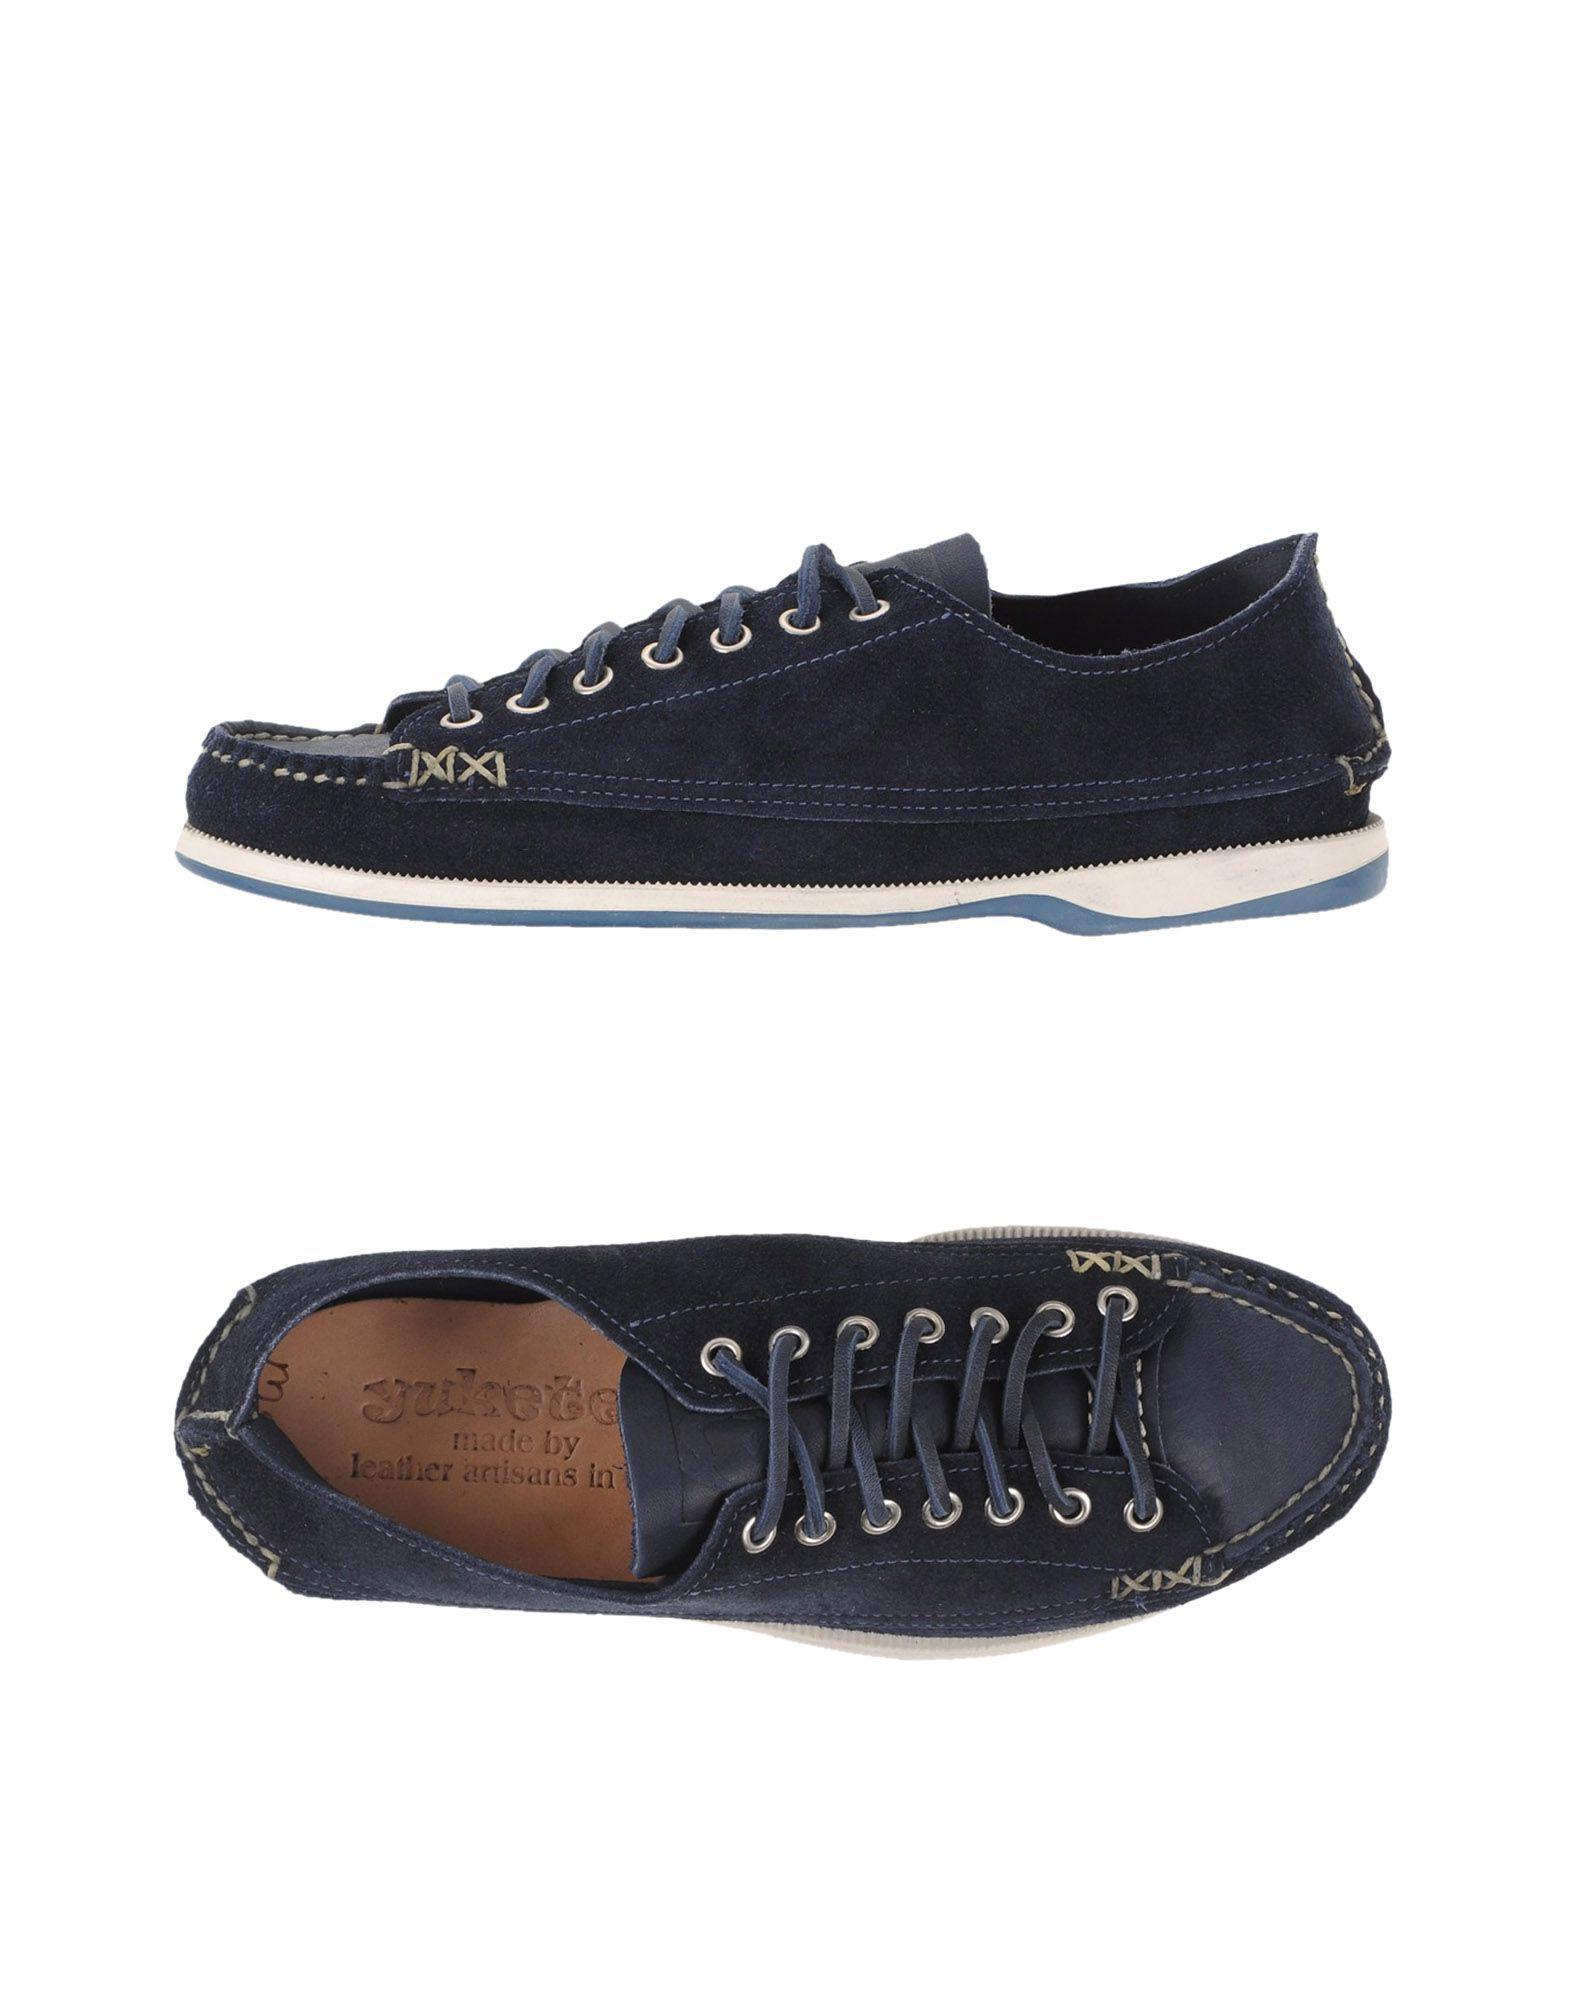 FOOTWEAR - Low-tops & sneakers Yuketen mOHw3s